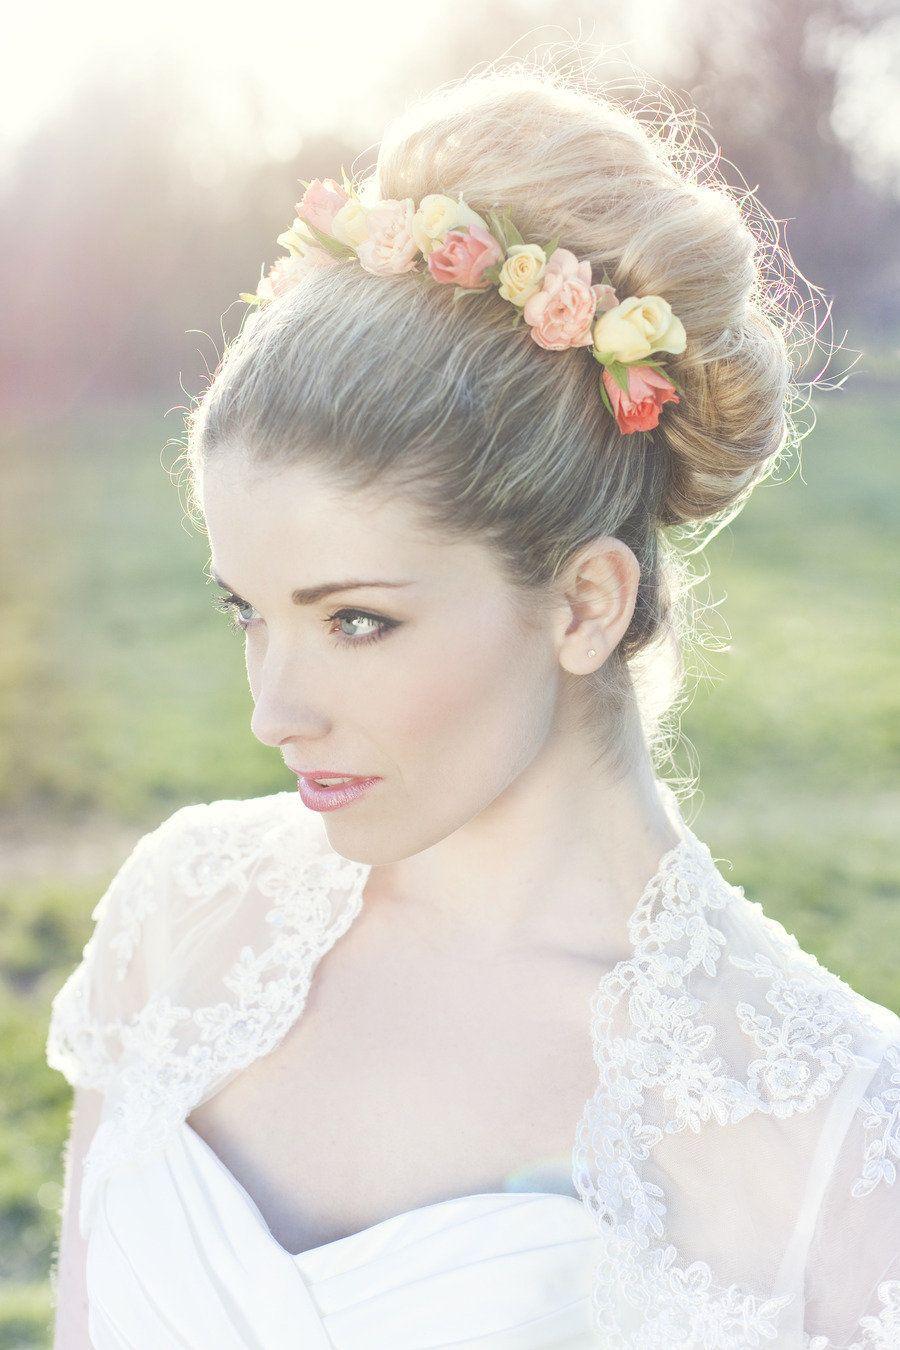 WIUP + Hair Flower Inspiration + Winners! | Flower bun, Hair make up ...